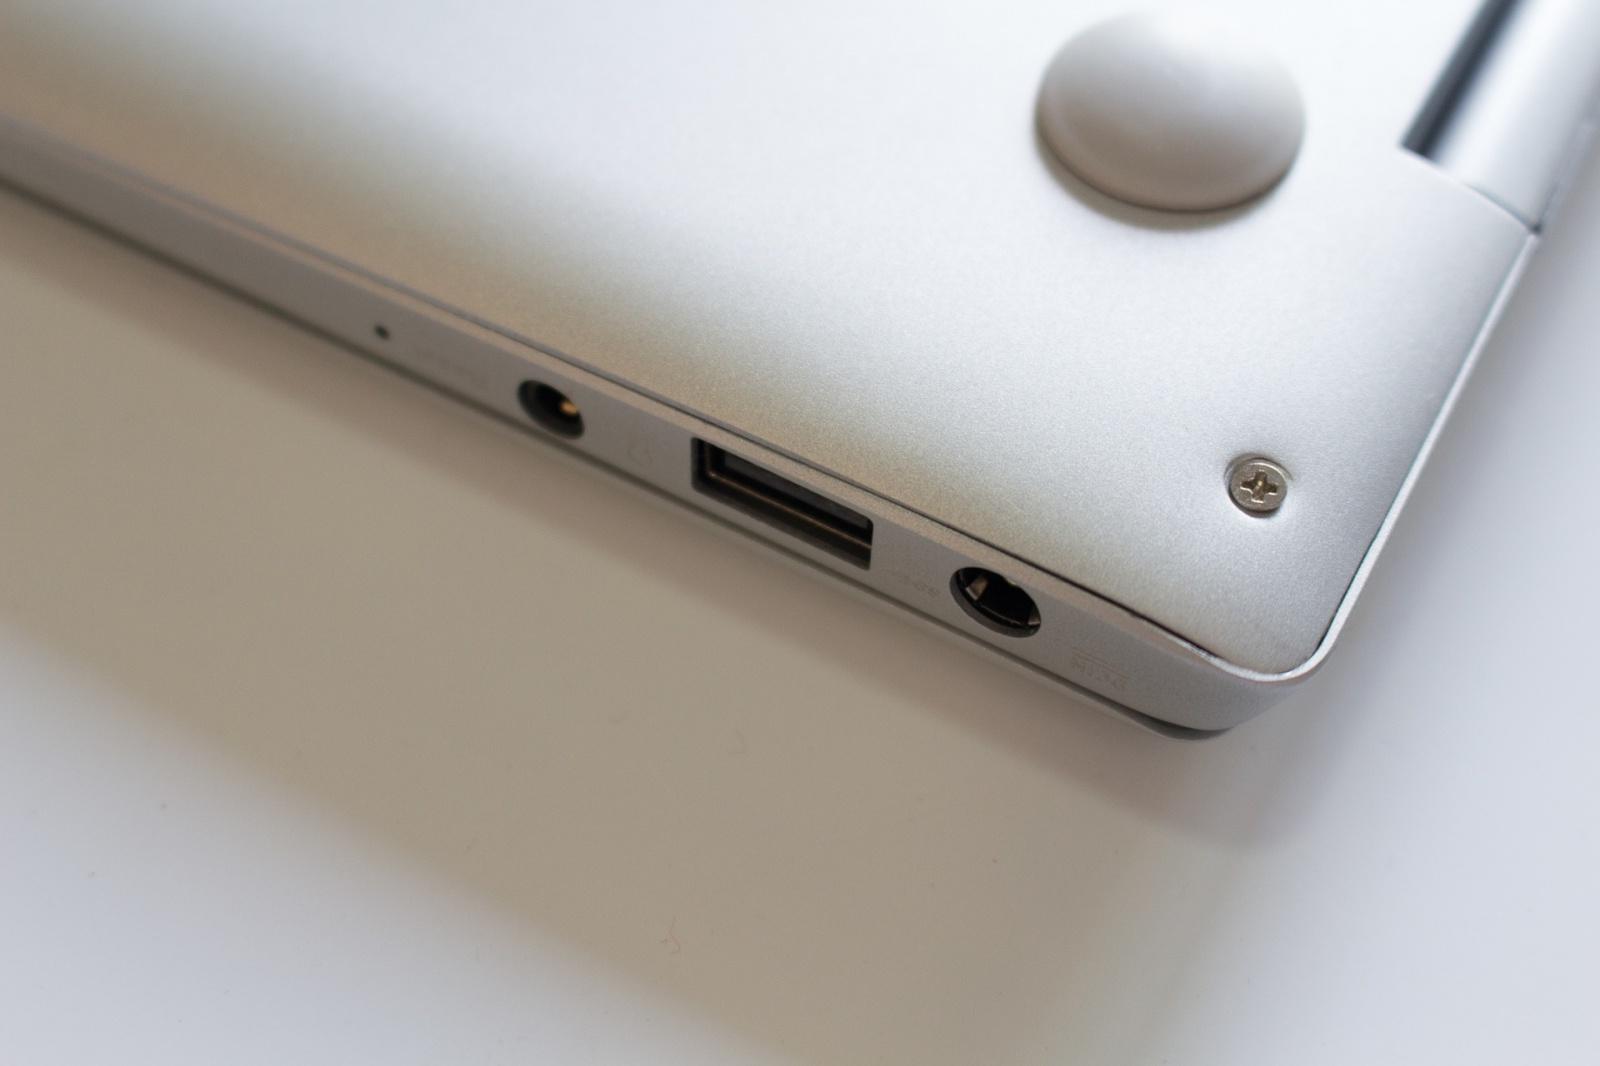 """Исследуем и частично разбираем дешевые китайские ноутбуки с диагональю 13,3"""": жить уже можно - 17"""